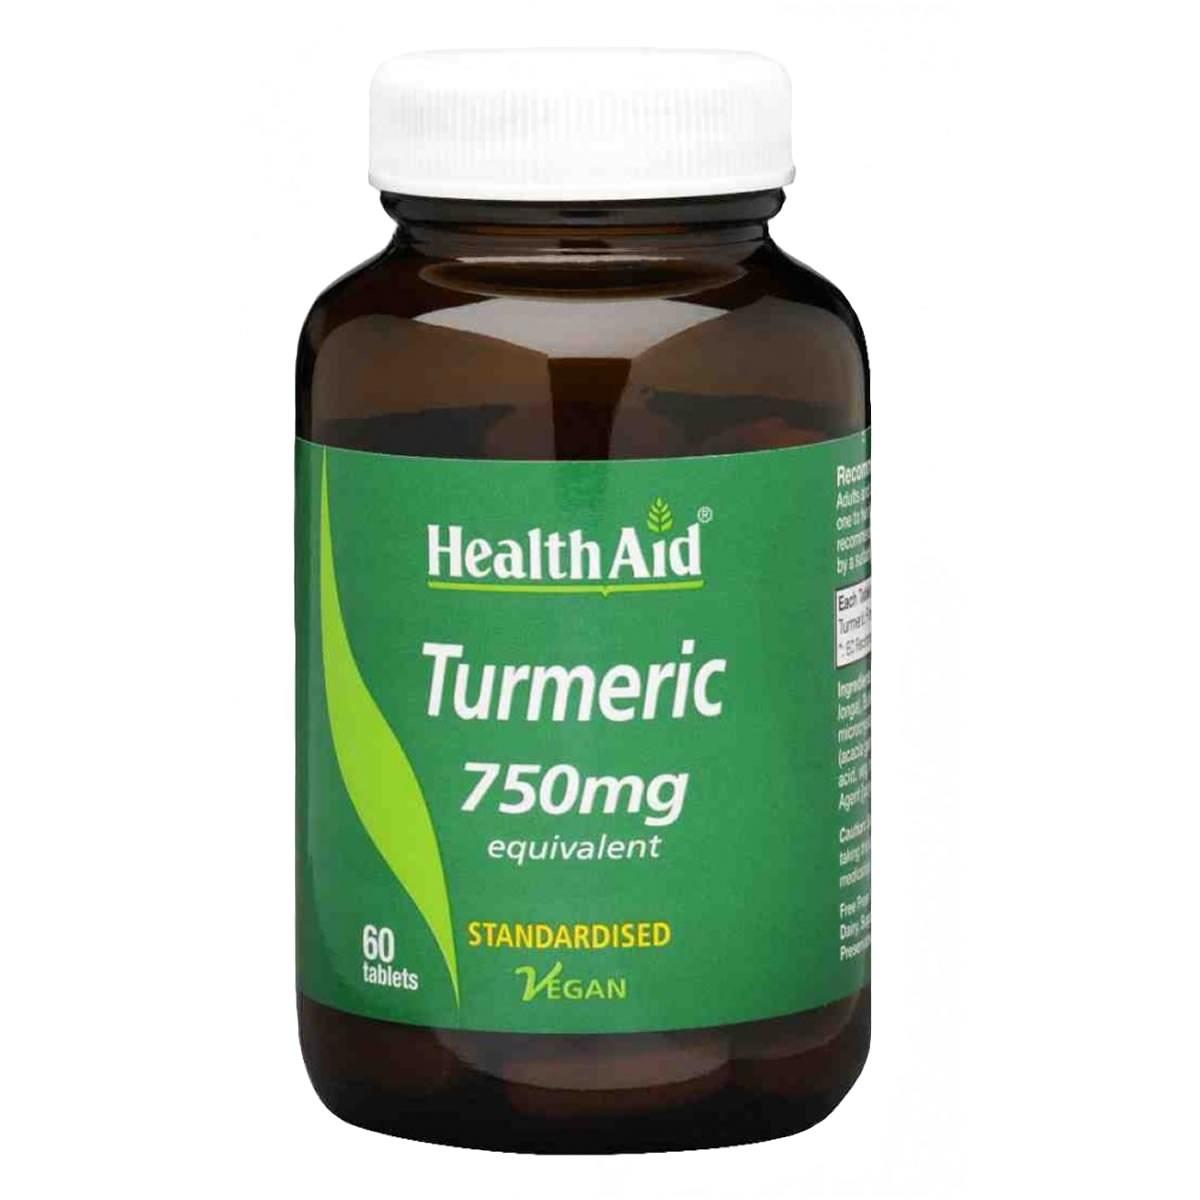 HealthAid Turmeric (Curcumin) 750mg Tablets